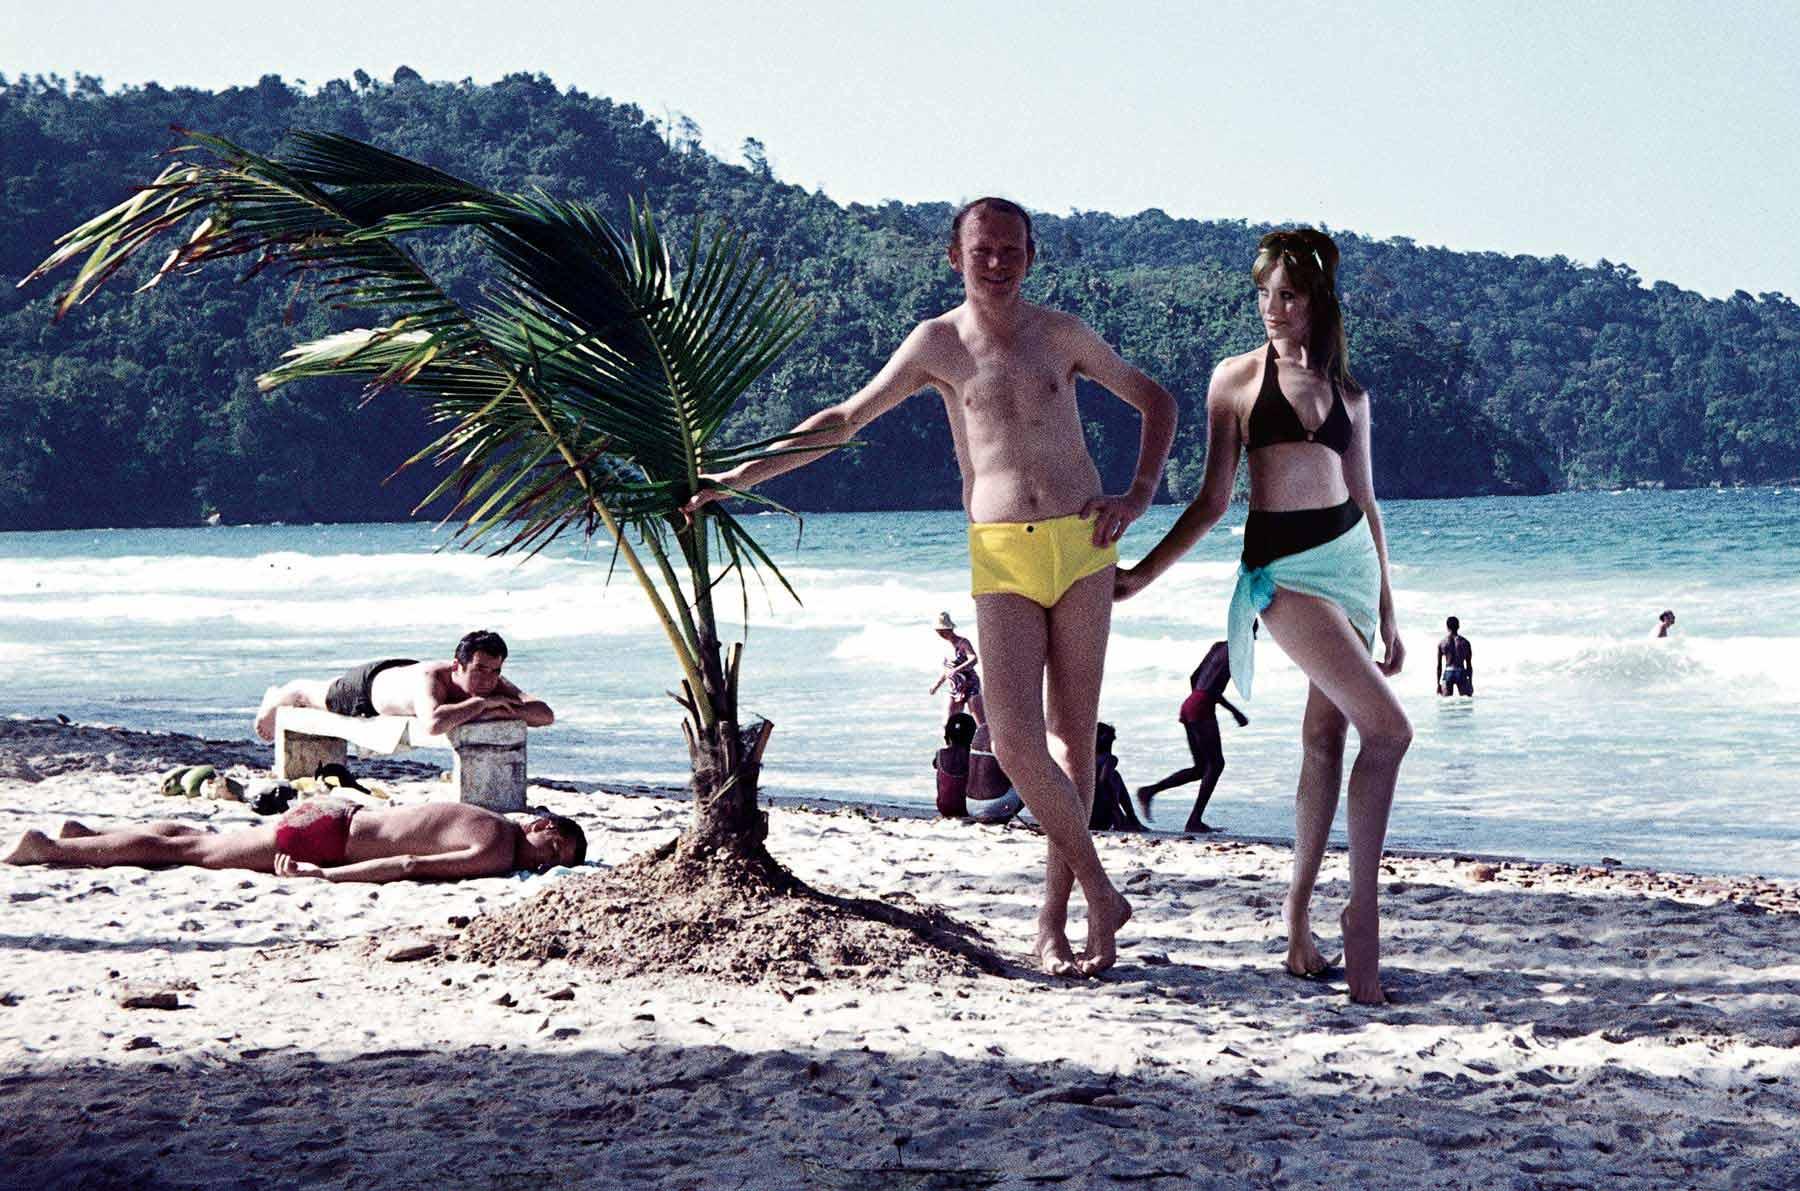 NYRT 2011.05.20-people-landscape-nyrt-strand